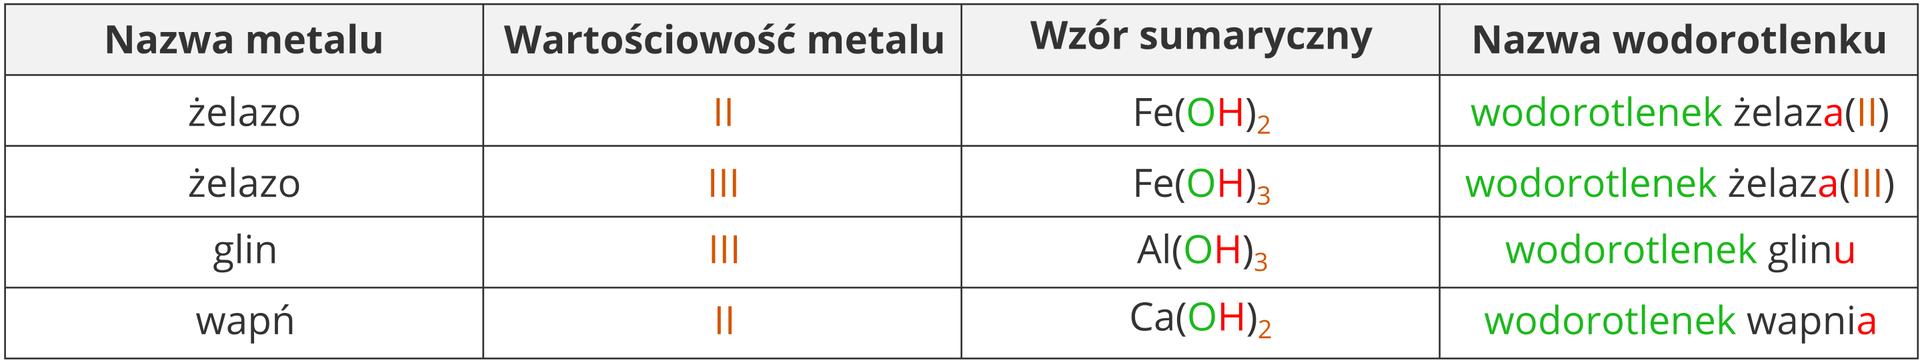 Tabela zprzykładowymi wzorami wodorotlenków powstałych zmetali owartościowości dwa itrzy. Pierwszy zprezentowanych metali, żelazo, występuje dwukrotnie: wpostaci dwu itrójwartościowej. Wtabeli przedstawiono wodorotlenek żelaza dwa owzorze Fe OH dwa razy wzięte, wodorotlenek żelaza trzy owzorze Fe OH trzy razy wzięte, wodorotlenek glinu owzorze Al OH trzy razy wzięte oraz wodorotlenek wapnia owzorze Ca OH dwa razy wzięte.